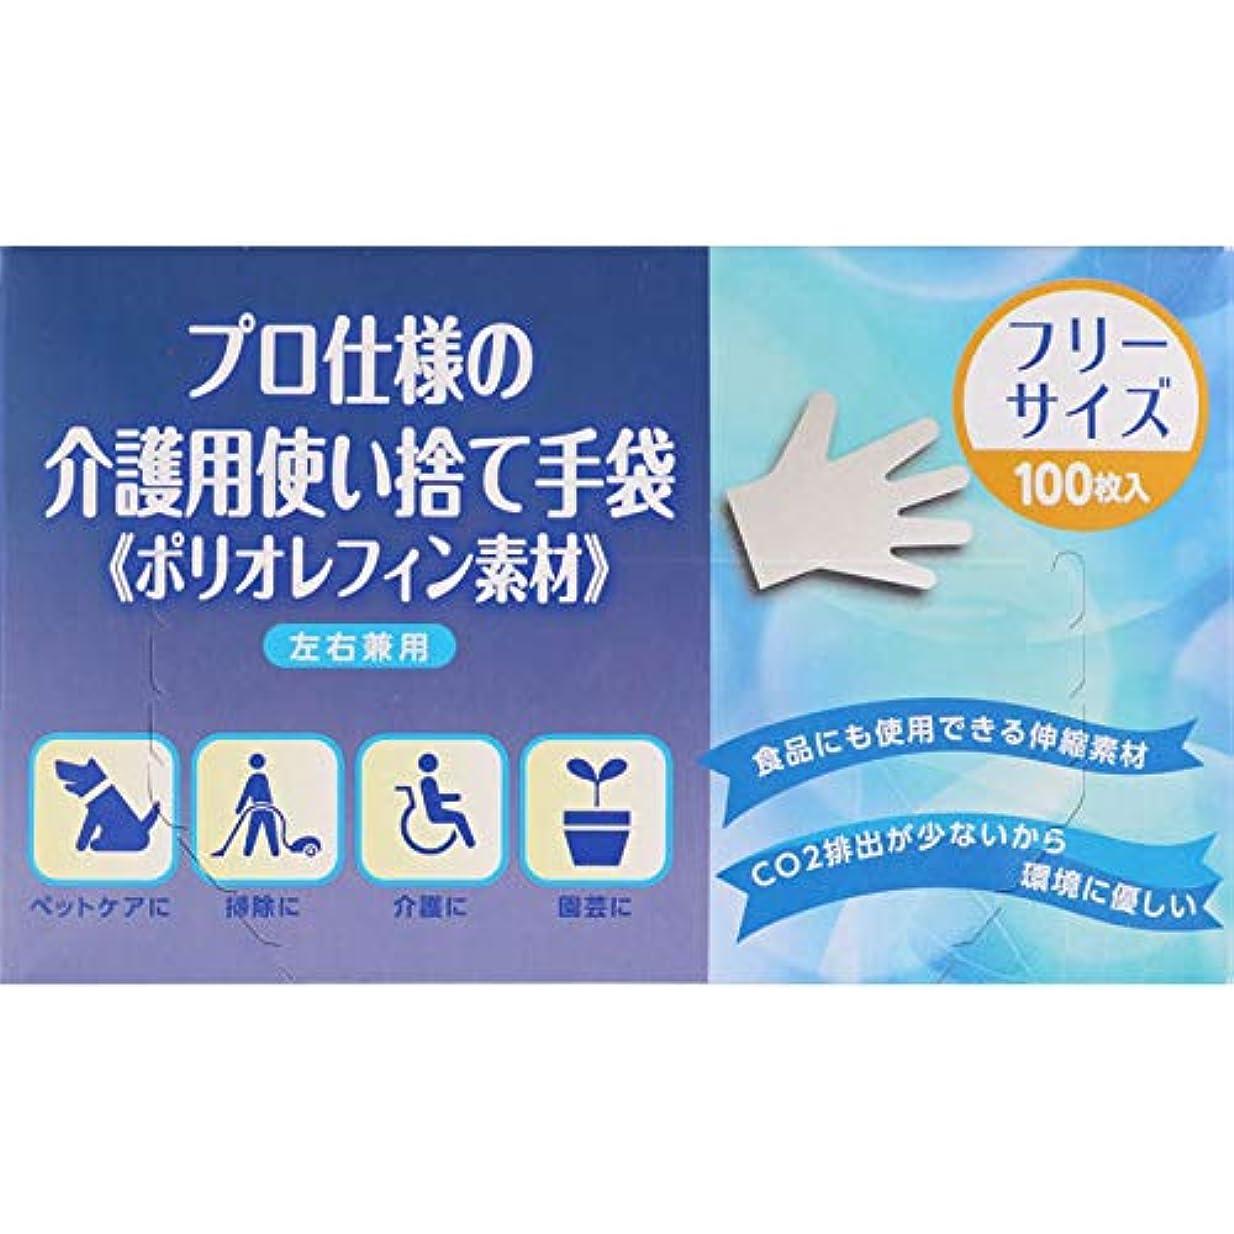 依存模索ガム【5個セット】プロ仕様の介護用使い捨て手袋《ポリオレフィン素材》 100枚